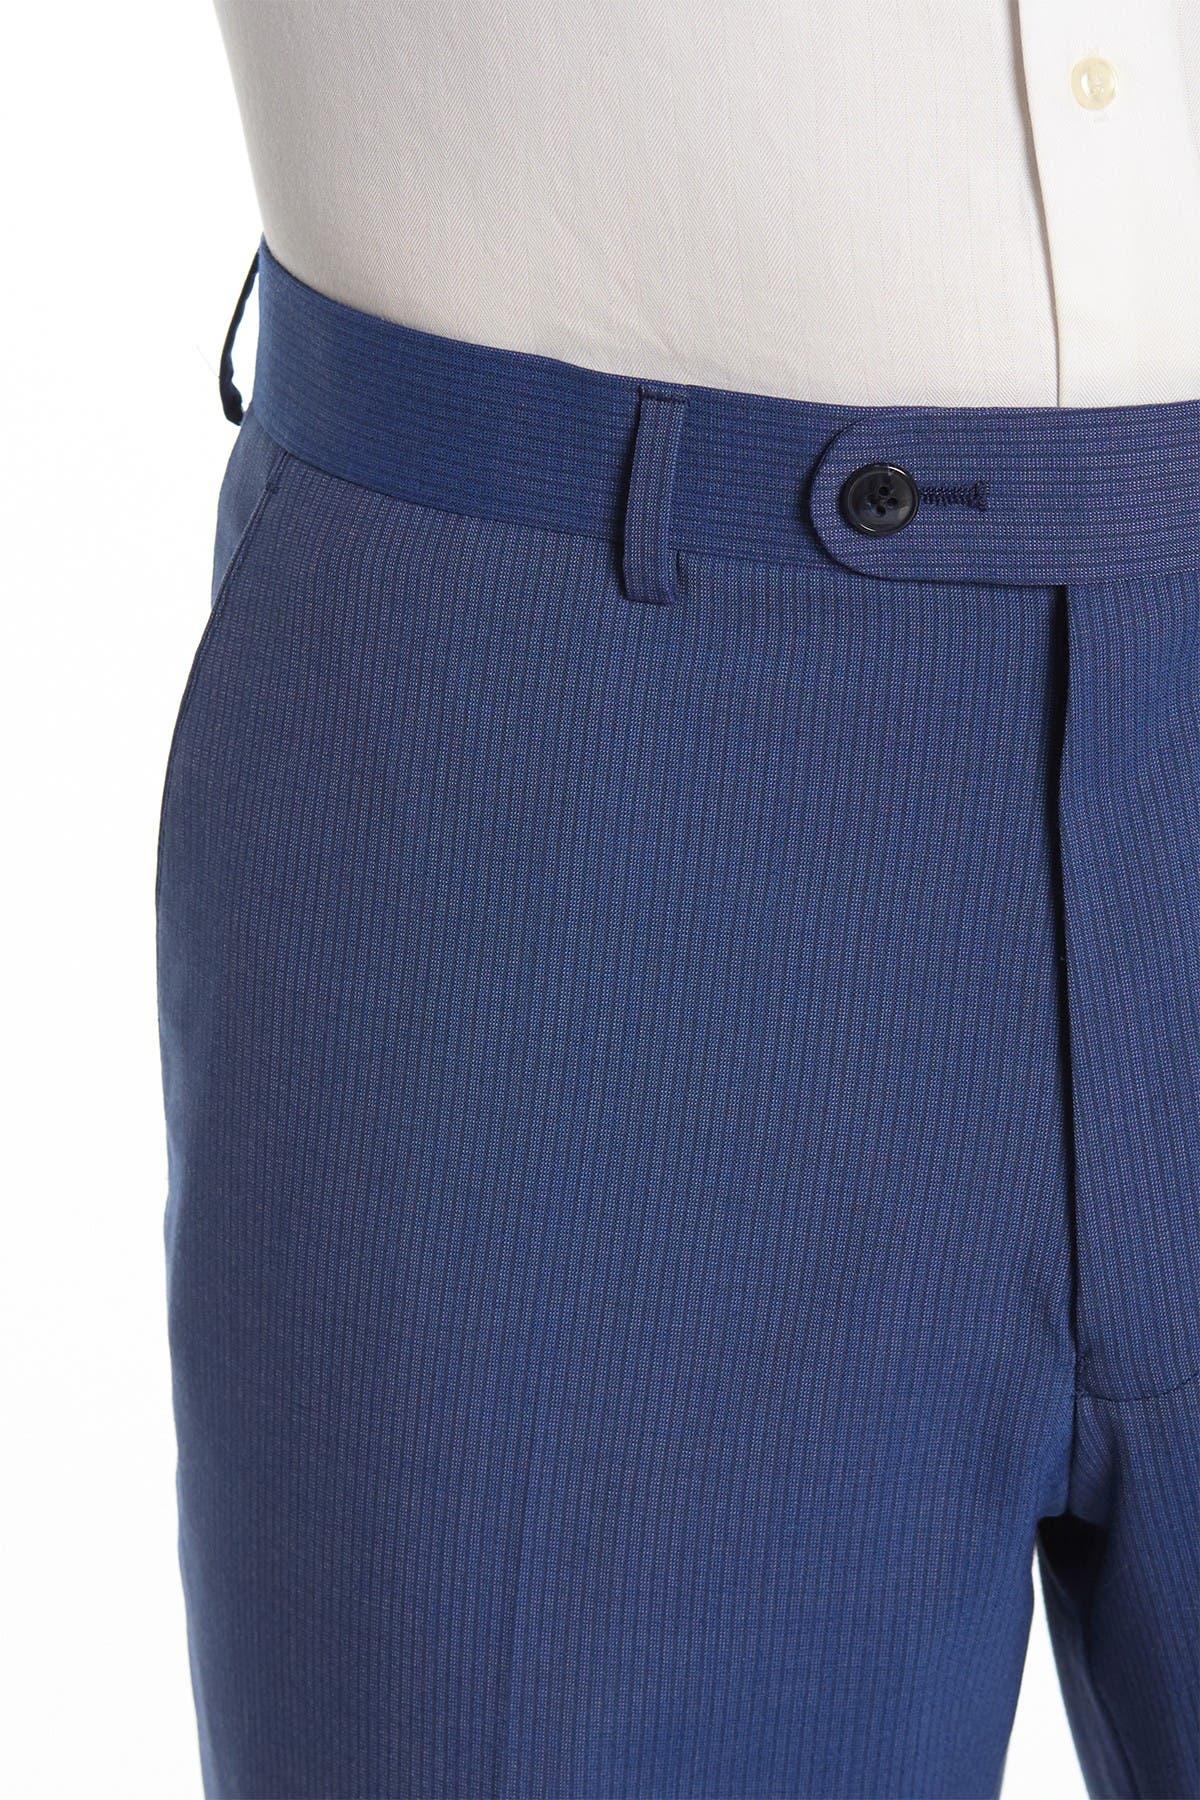 Vince Camuto Blue Stripe Two Button Notch Lapel Slim Fit Suit